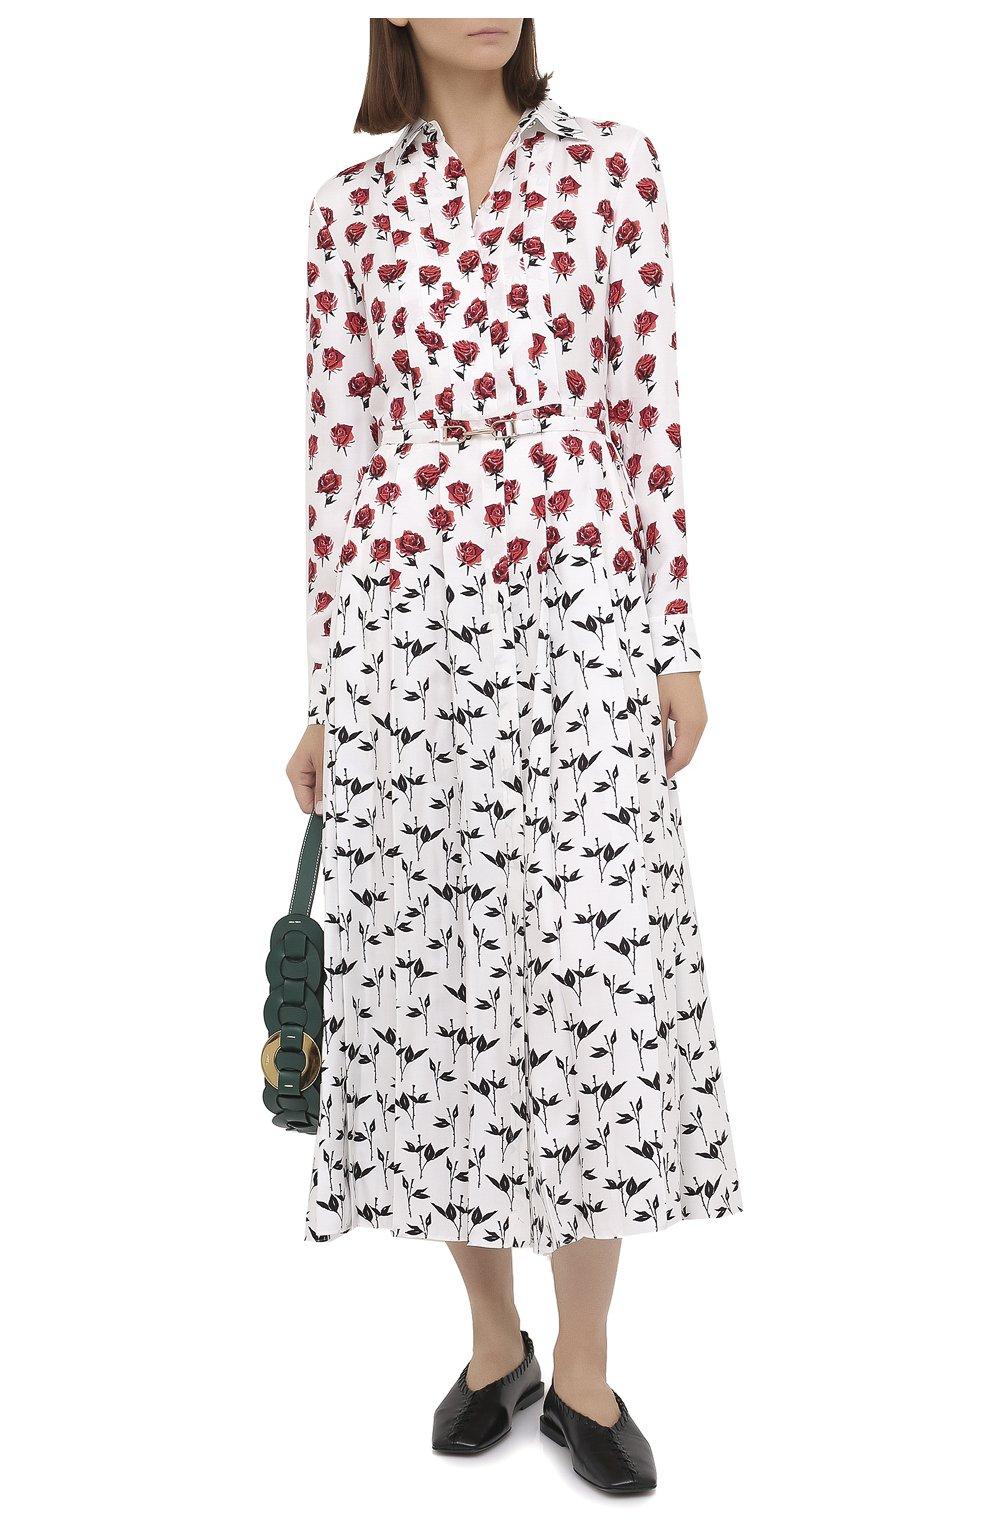 Женское шелковое платье GABRIELA HEARST белого цвета, арт. 420432 P023   Фото 2 (Женское Кросс-КТ: платье-рубашка, Платье-одежда; Материал внешний: Шелк; Рукава: Длинные; Случай: Повседневный; Длина Ж (юбки, платья, шорты): Миди; Стили: Романтичный)